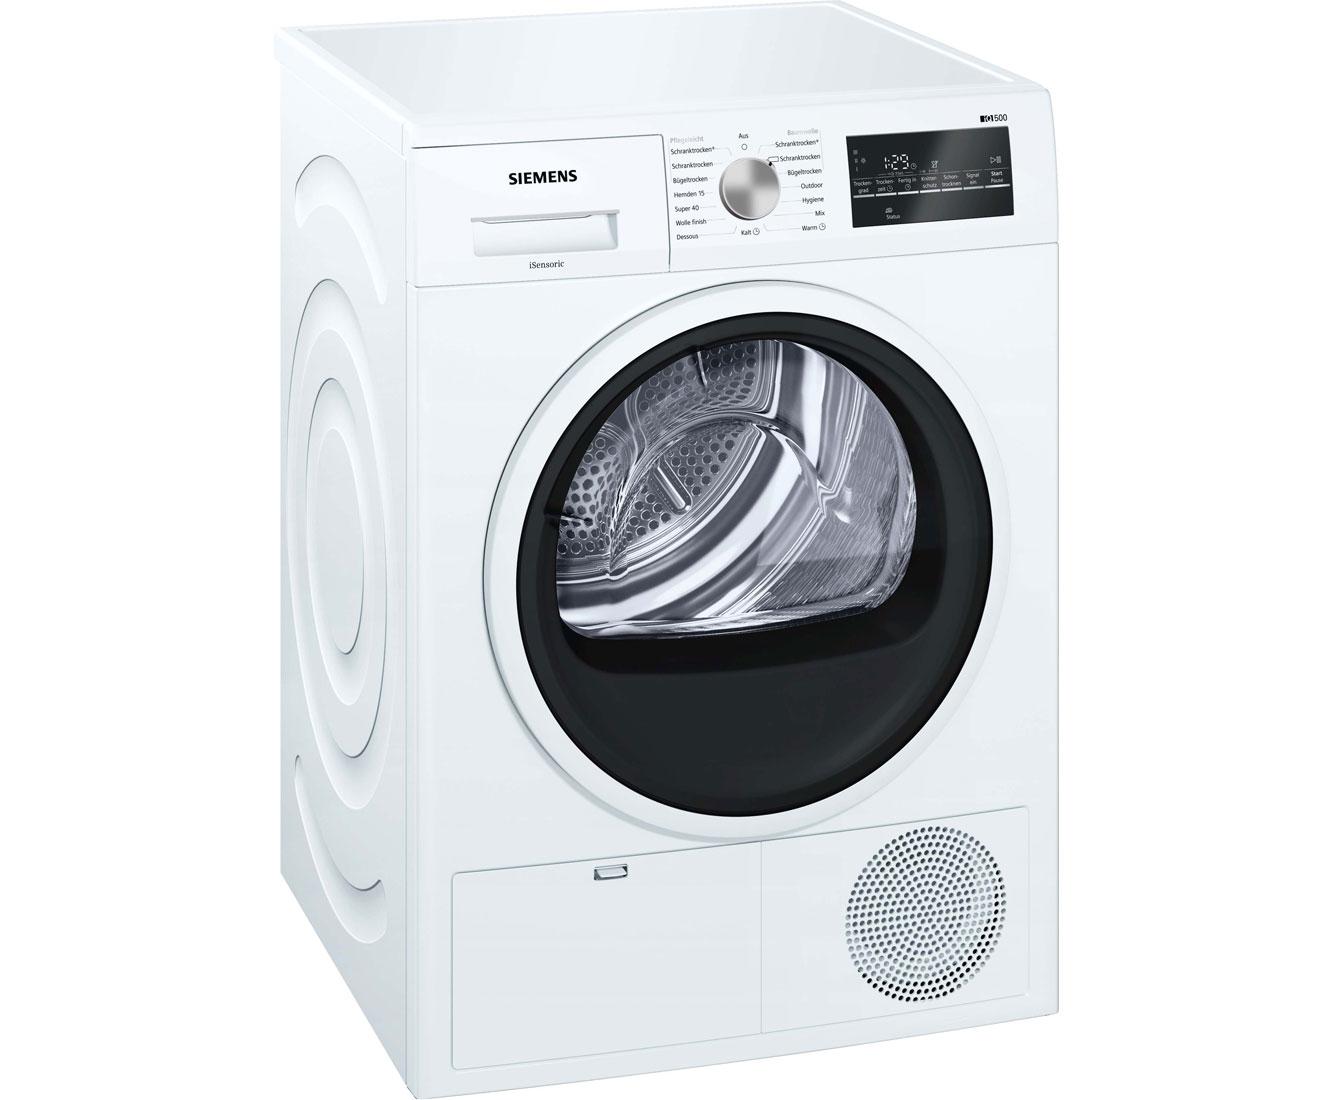 Siemens iq wt g kondenstrockner kg weiß